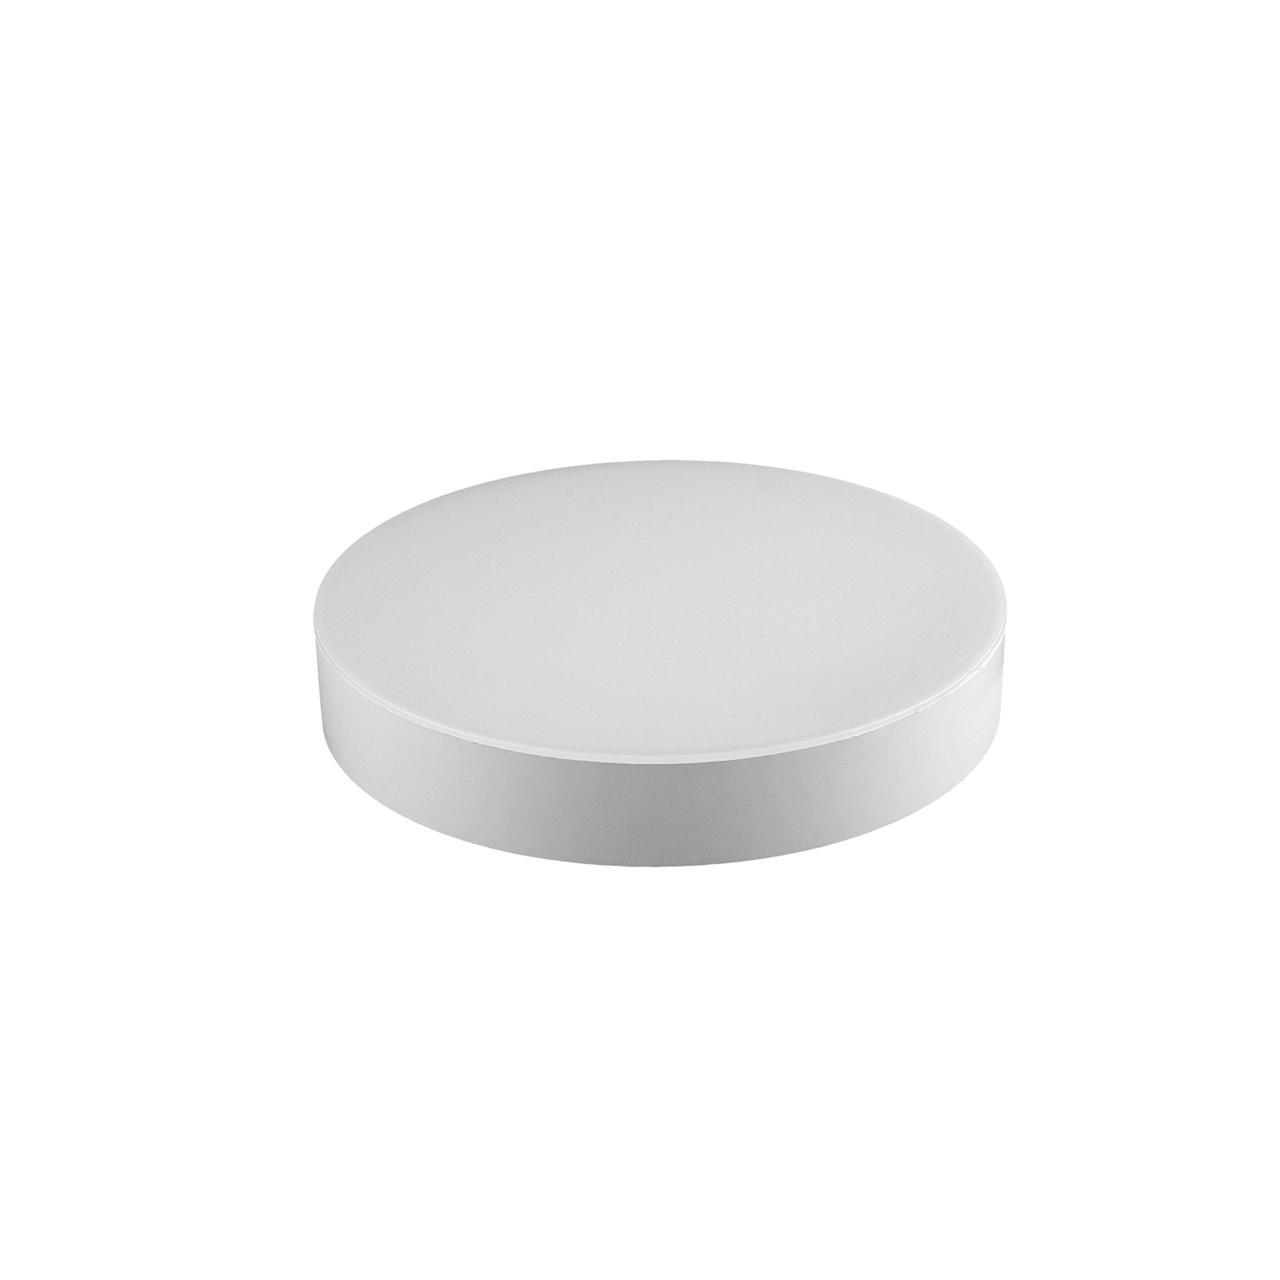 Led світильник накладної таблетка коло білий PC0024-32HSF RD 24W 6000К